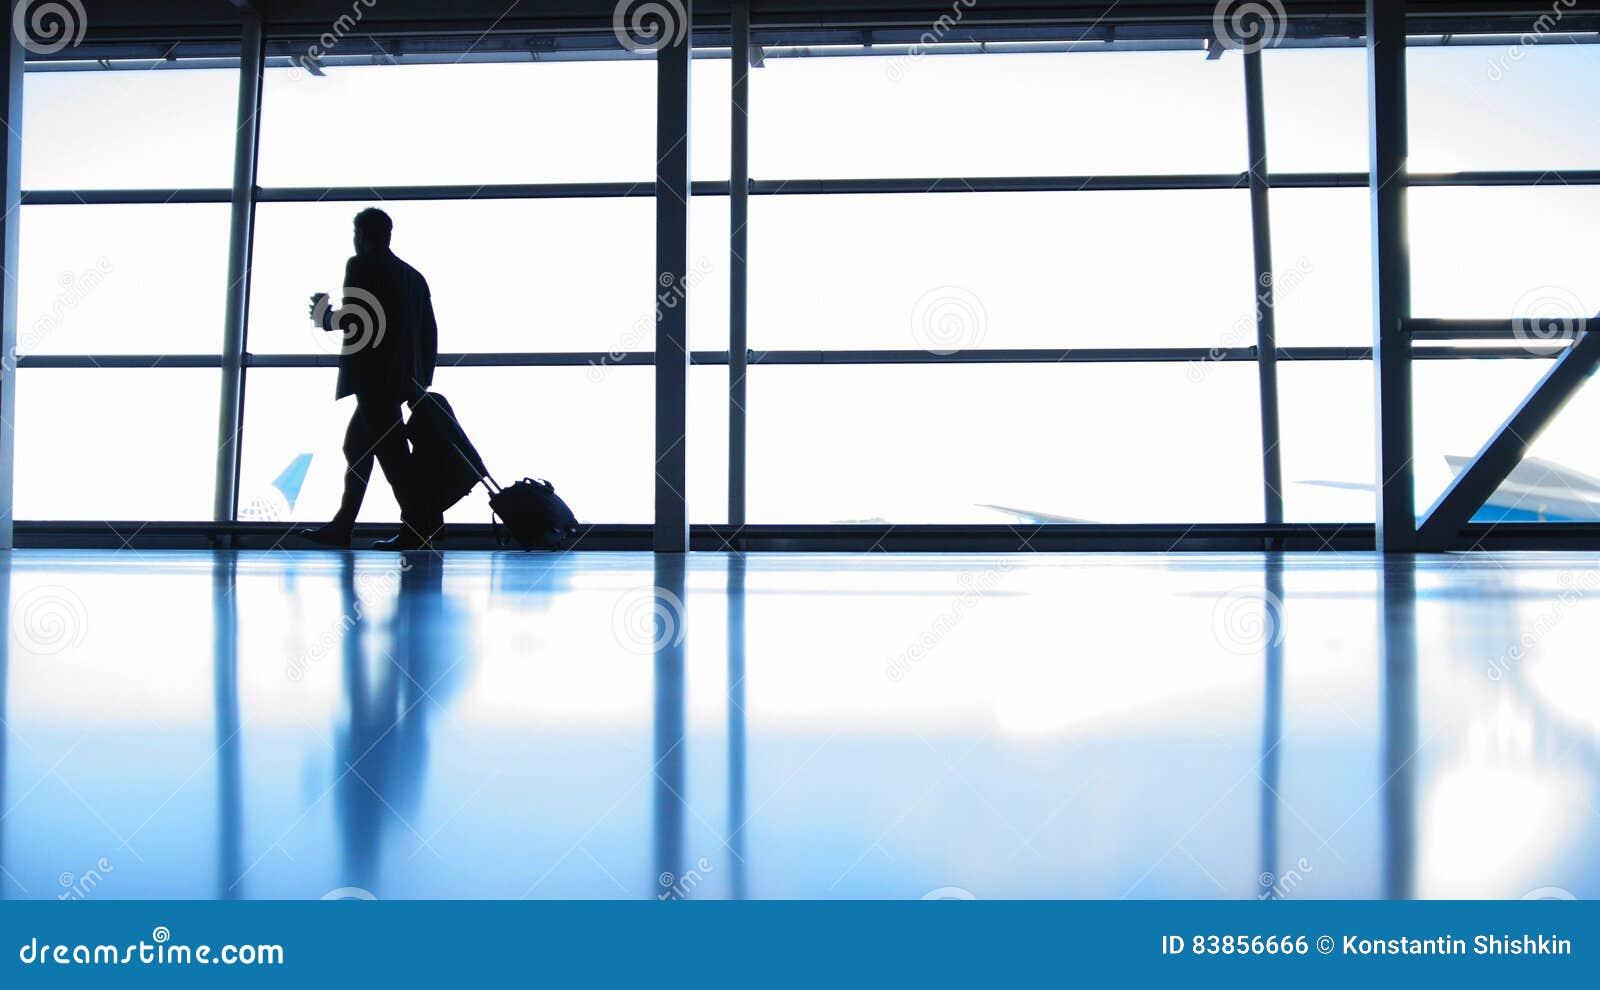 Ταξιδιώτες - διοικητής αεροσκαφών με τον καφέ για να πάει στον αερολιμένα μπροστά από το παράθυρο, σκιαγραφία